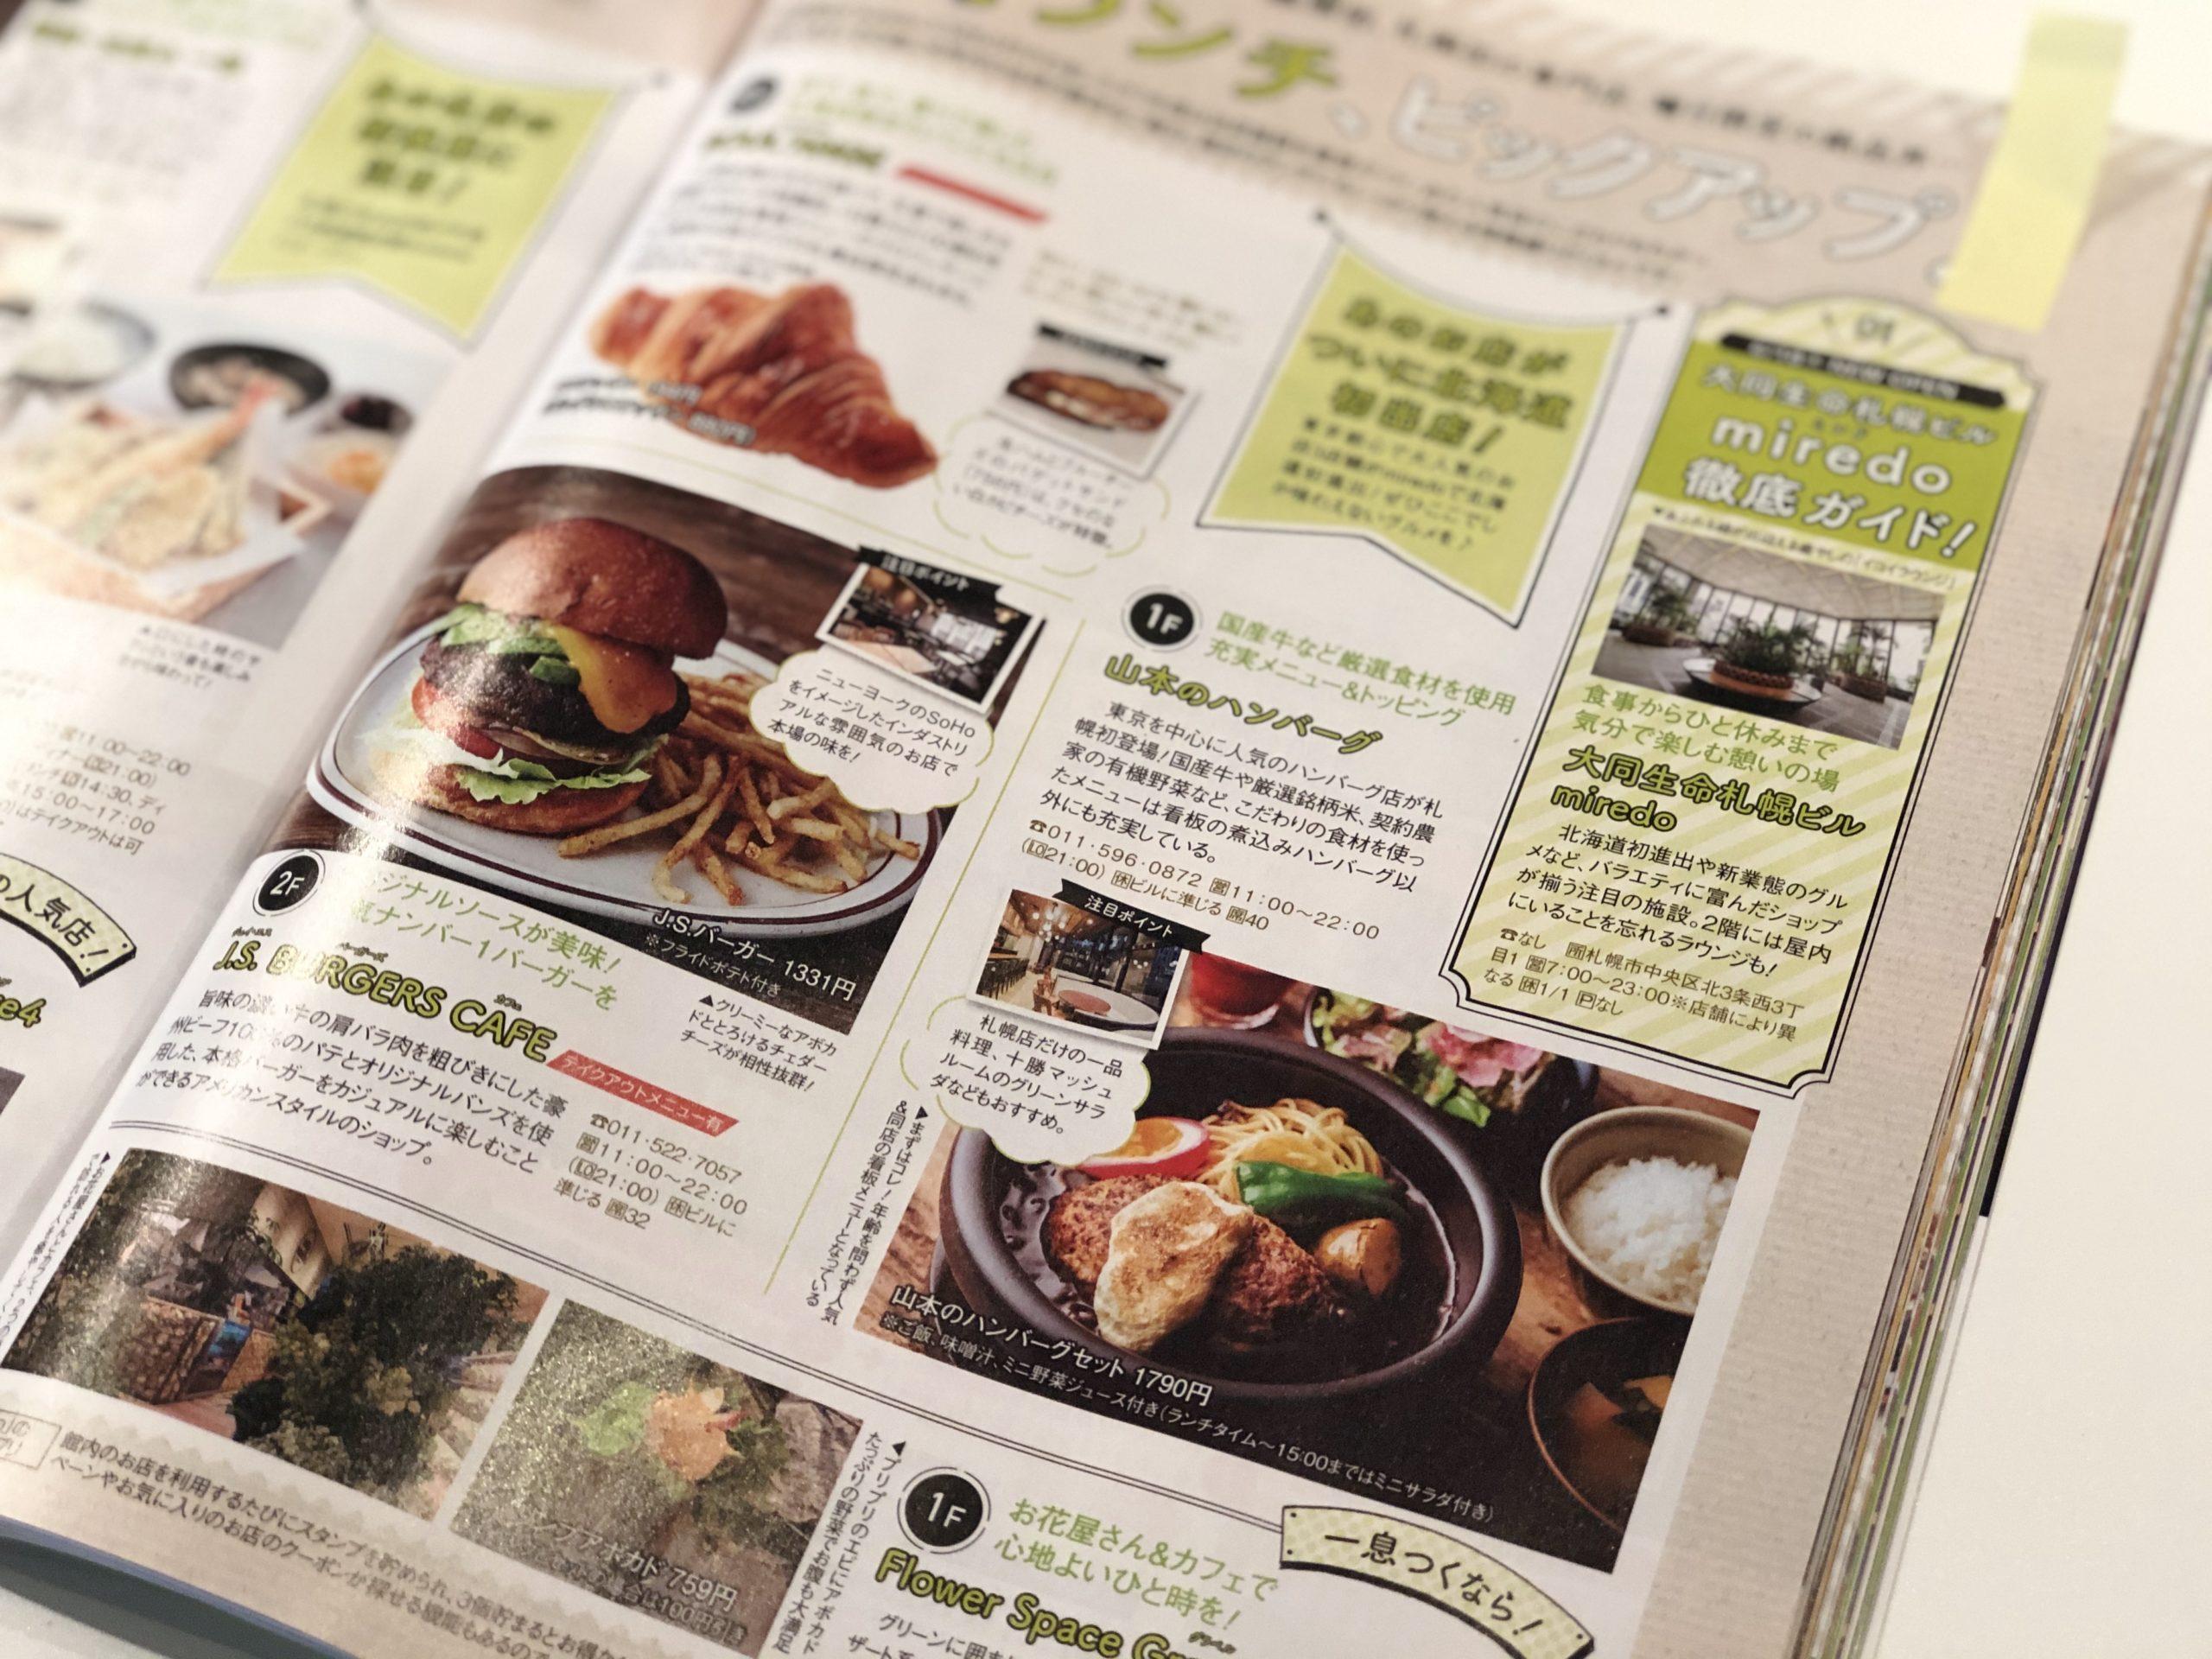 山本のハンバーグ 雑誌3社に掲載いただきました!